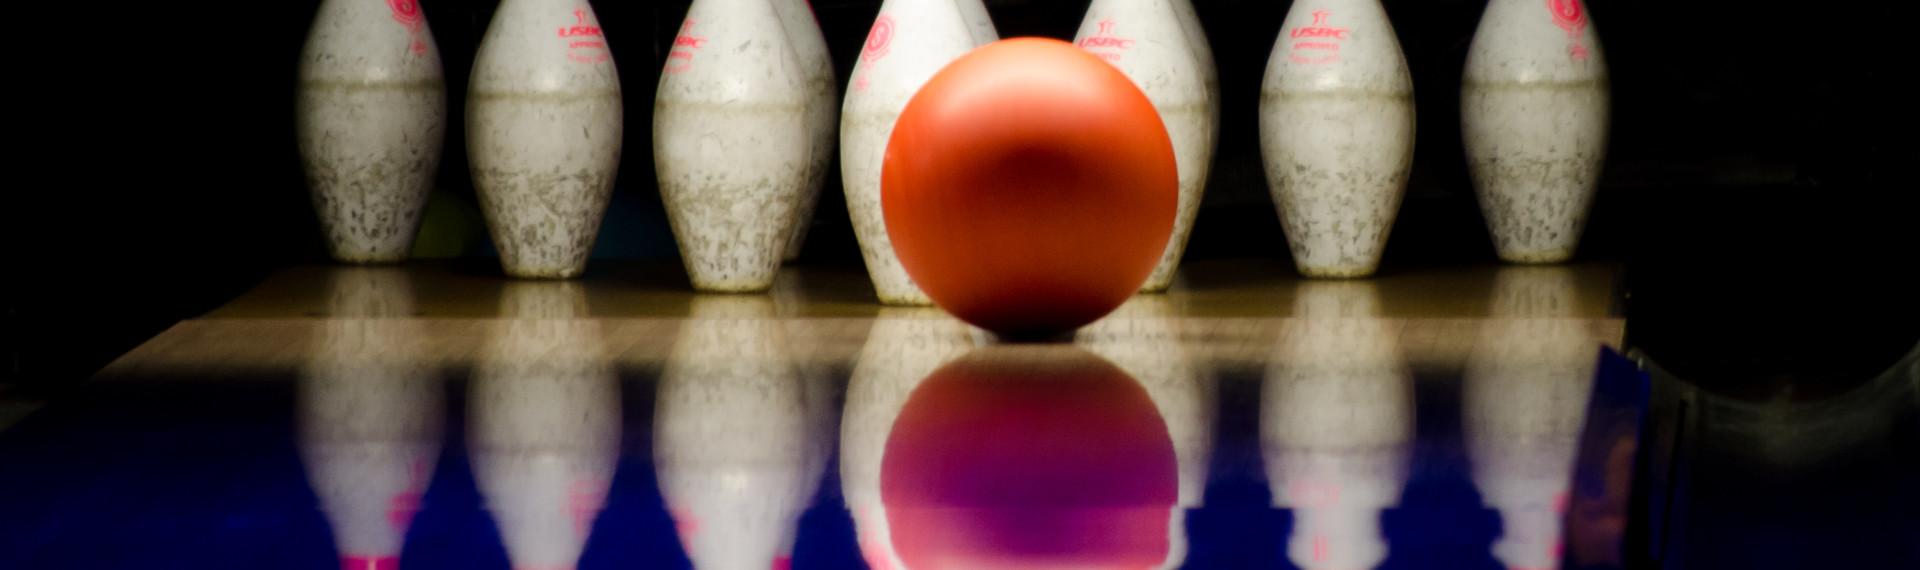 Riga Bowling image